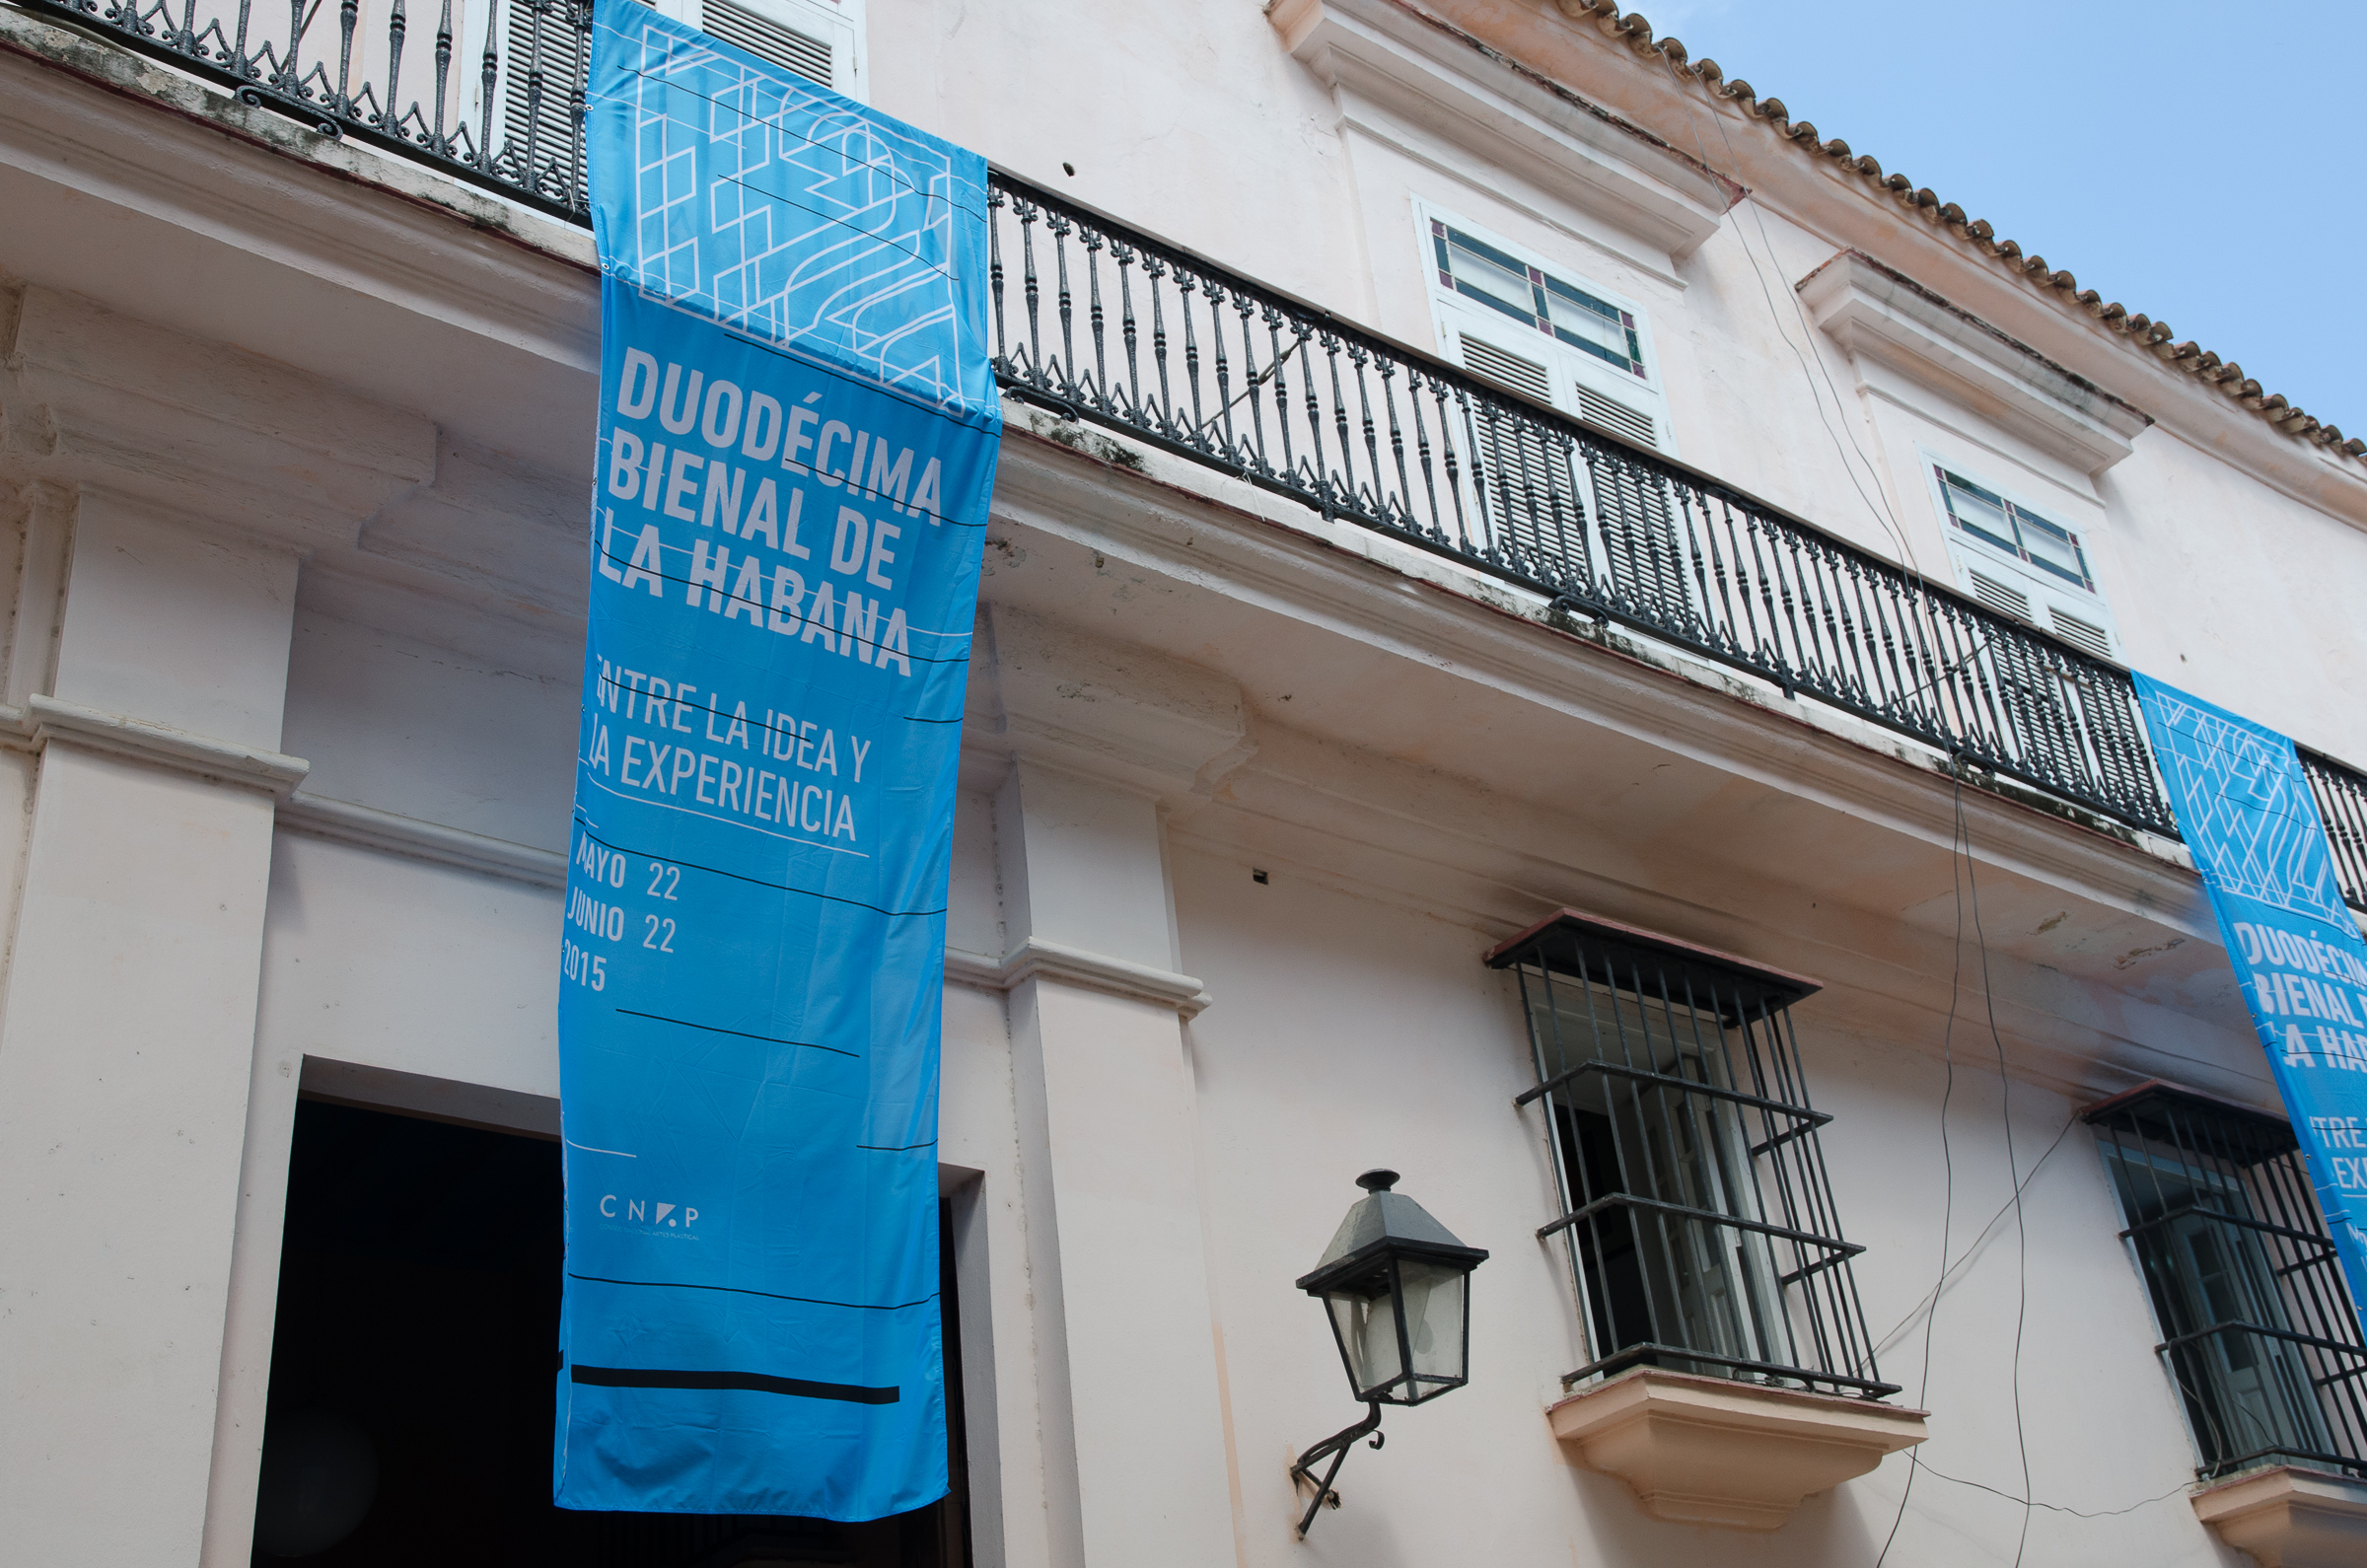 XII-Havana-bienal-Beatriz-Gerenstein-8